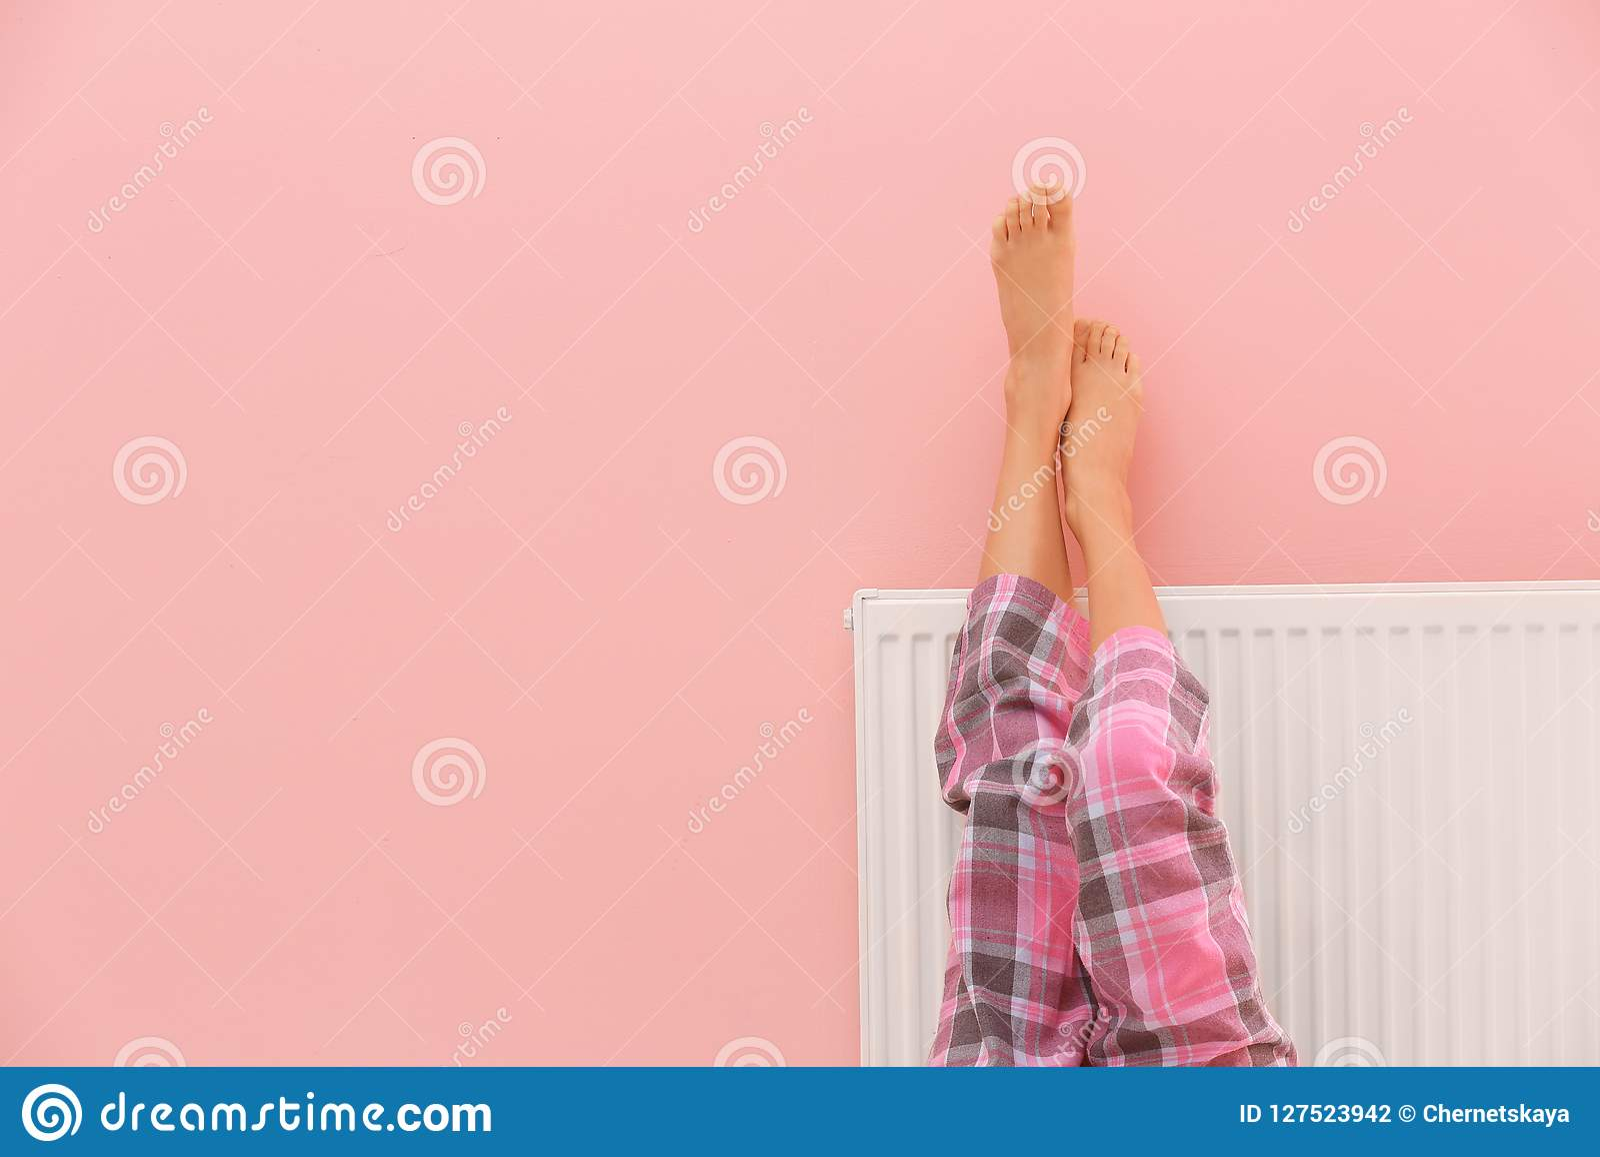 Θερμαίνοντας πόδια γυναικών στη θέρμανση του θερμαντικού σώματος κοντά στον τοίχο χρώματος, κινηματογράφηση σε πρώτο πλάνο